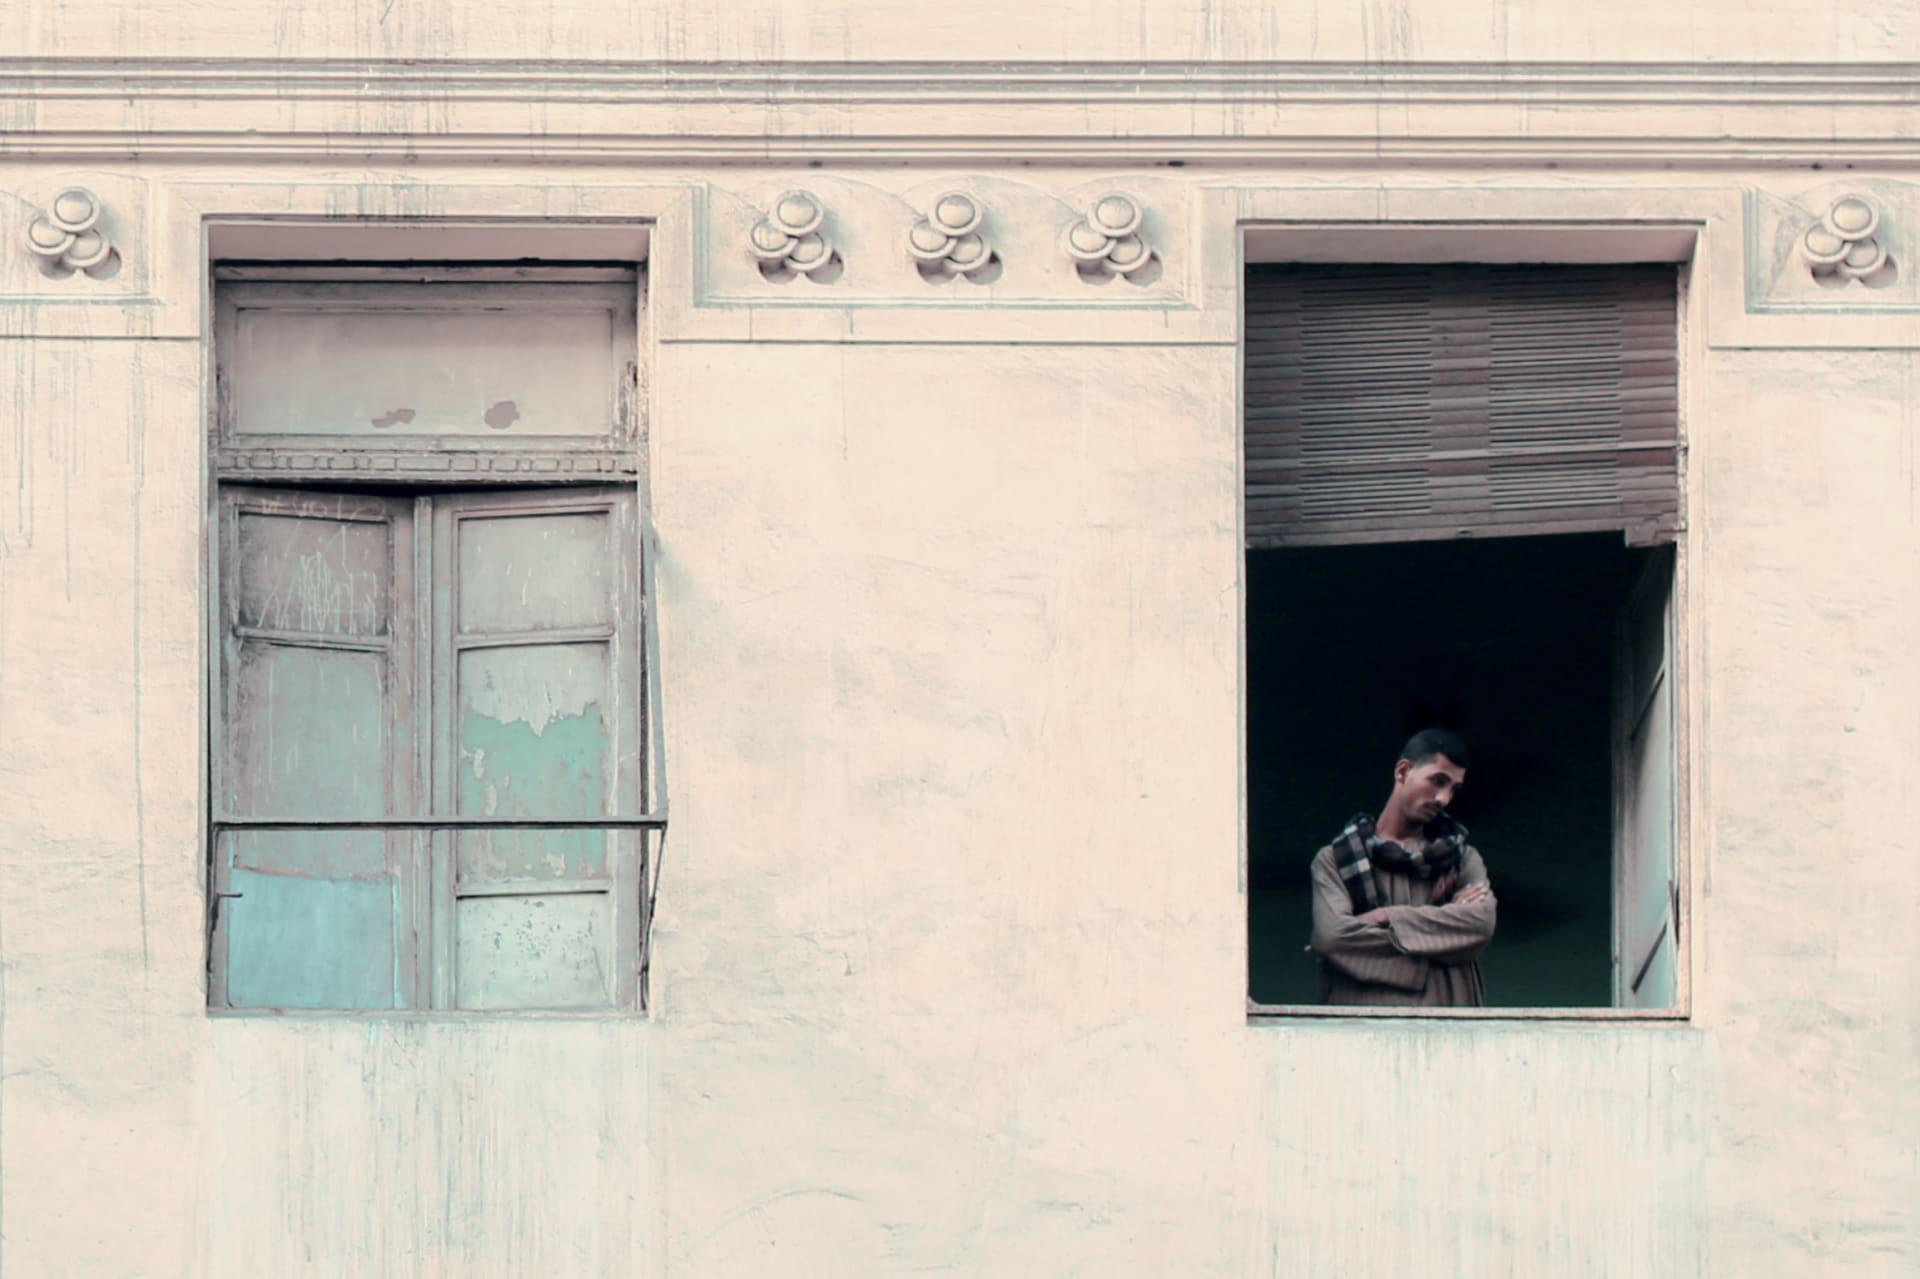 بنسيونات مصر.. تعرف إلى المساحات التي تجعل القاهرة تنبض بالحياة ليلاً